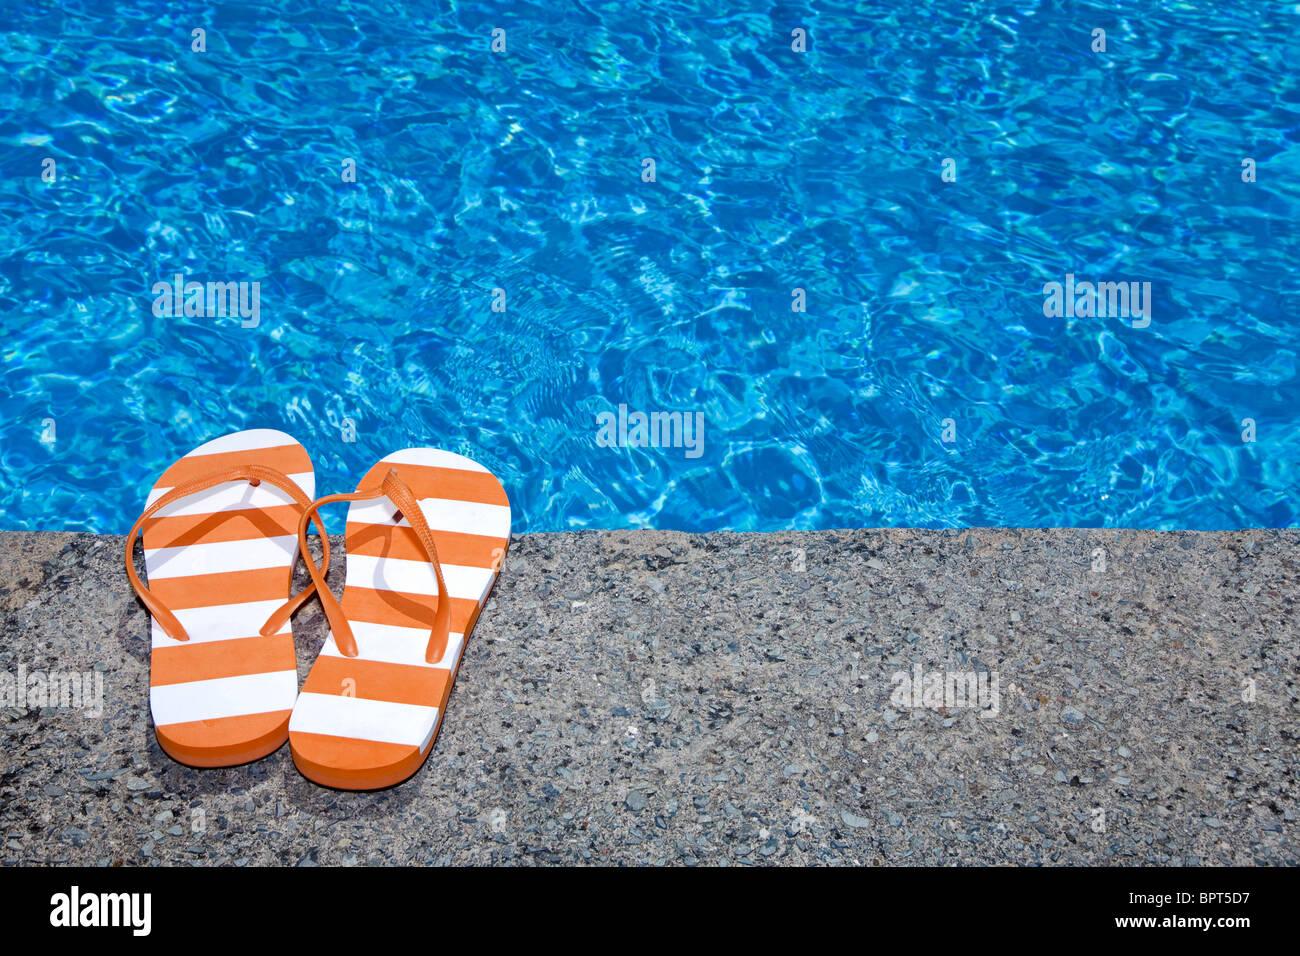 Stripey bastante par de sandalias o chanclas junto a una piscina azul brillante Imagen De Stock